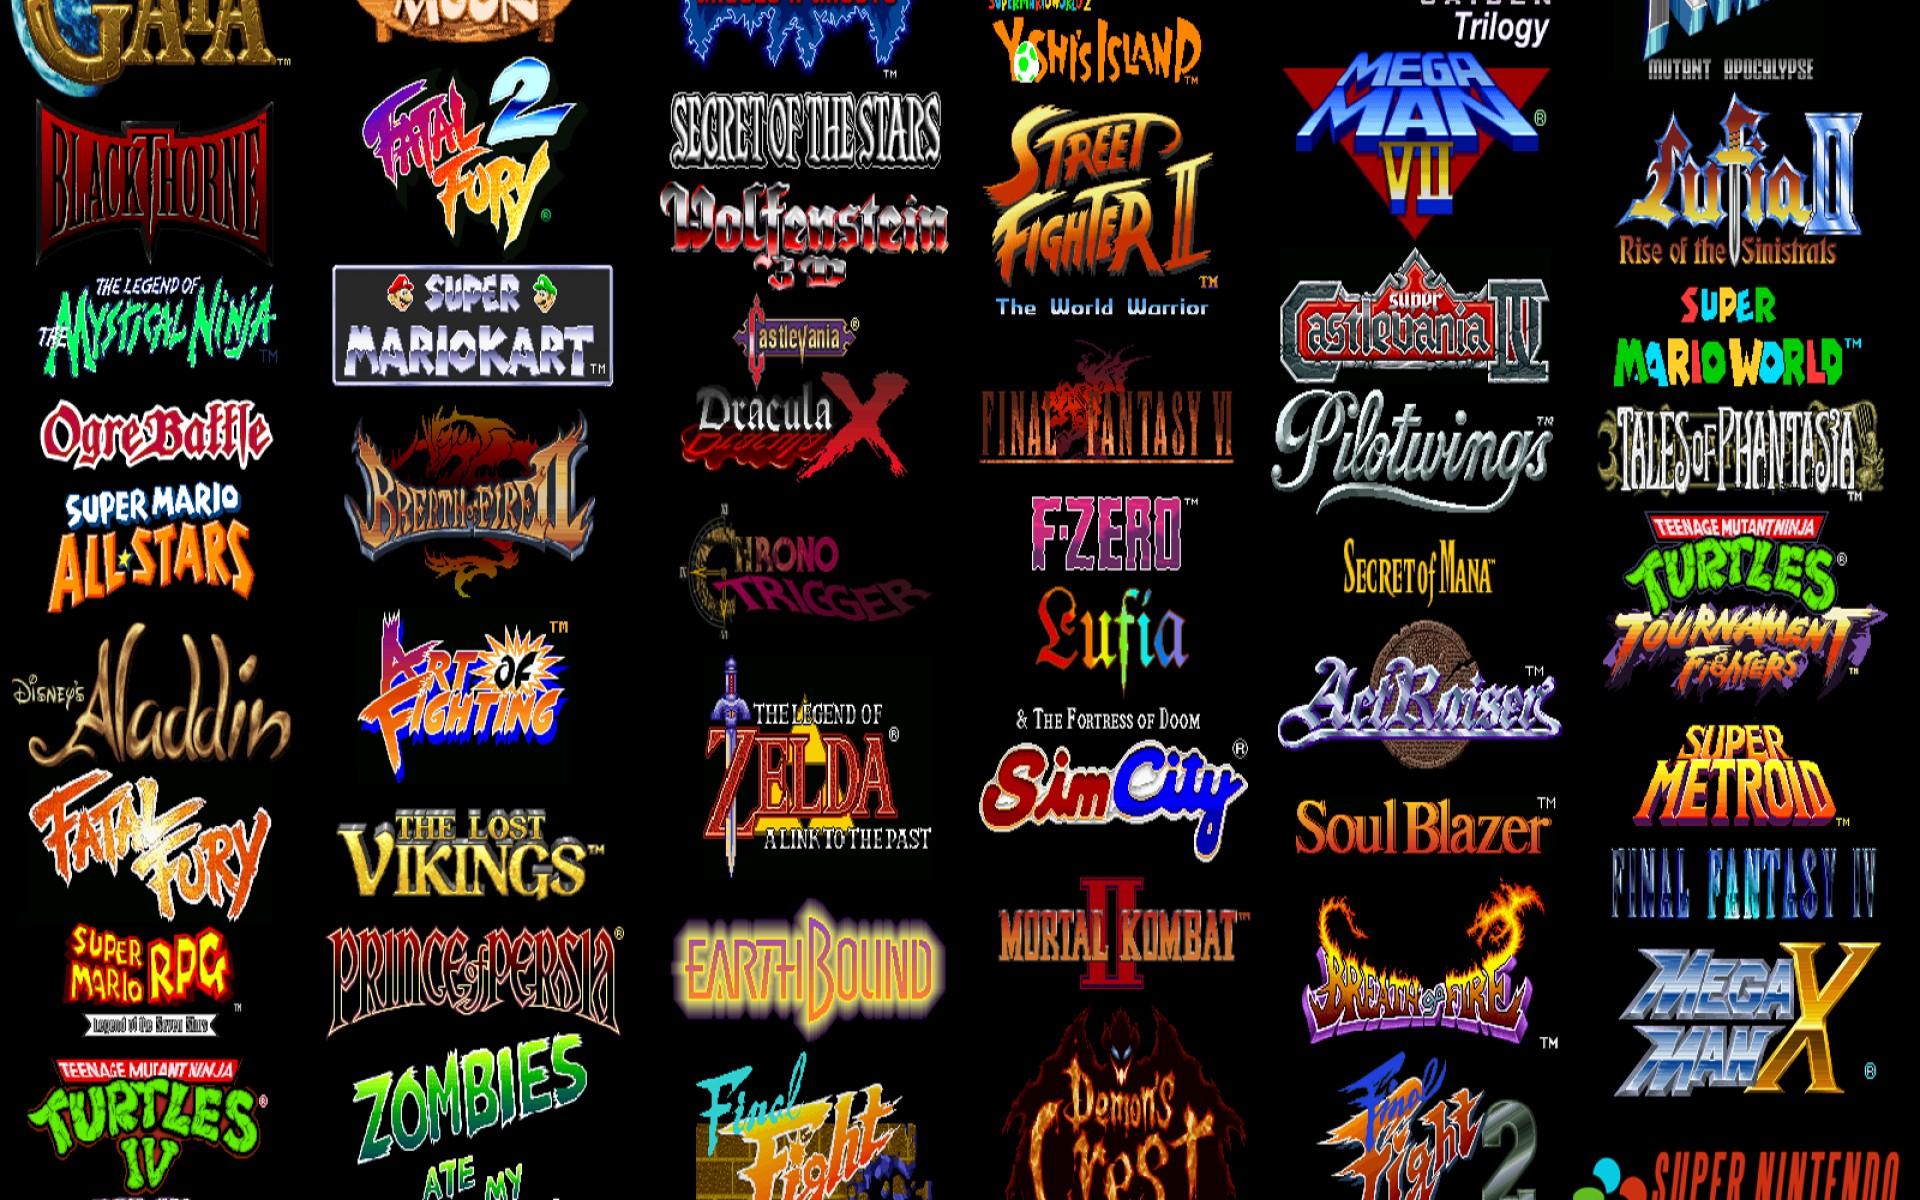 Video games super nintendo retro games wallpaper 1920x1200 20815 1920x1200